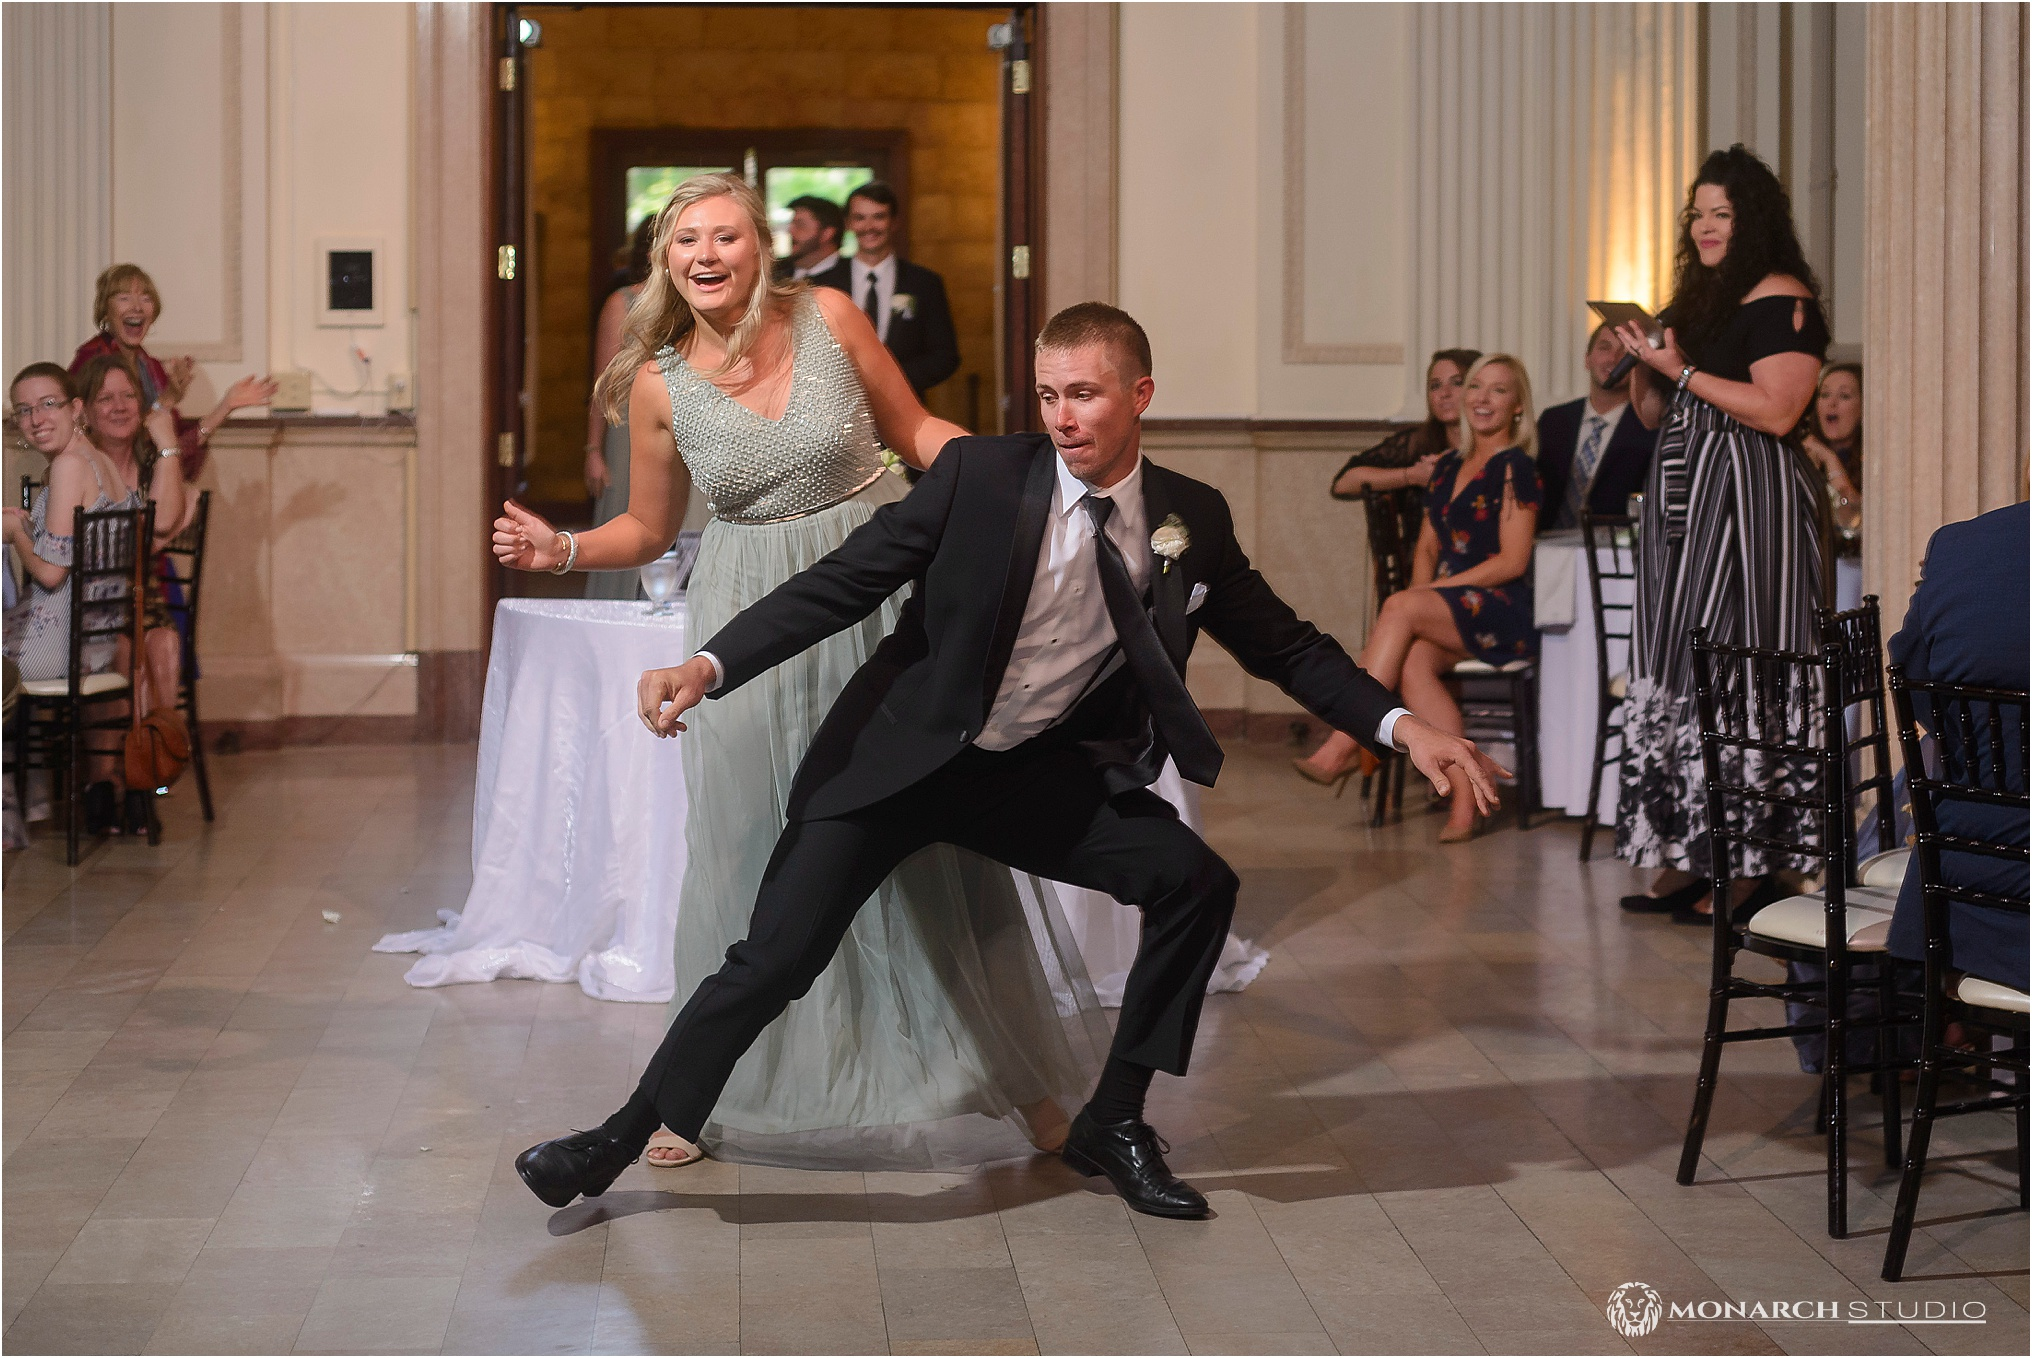 Wedding-PHotographer-in-st-augustine-2019-090.jpg